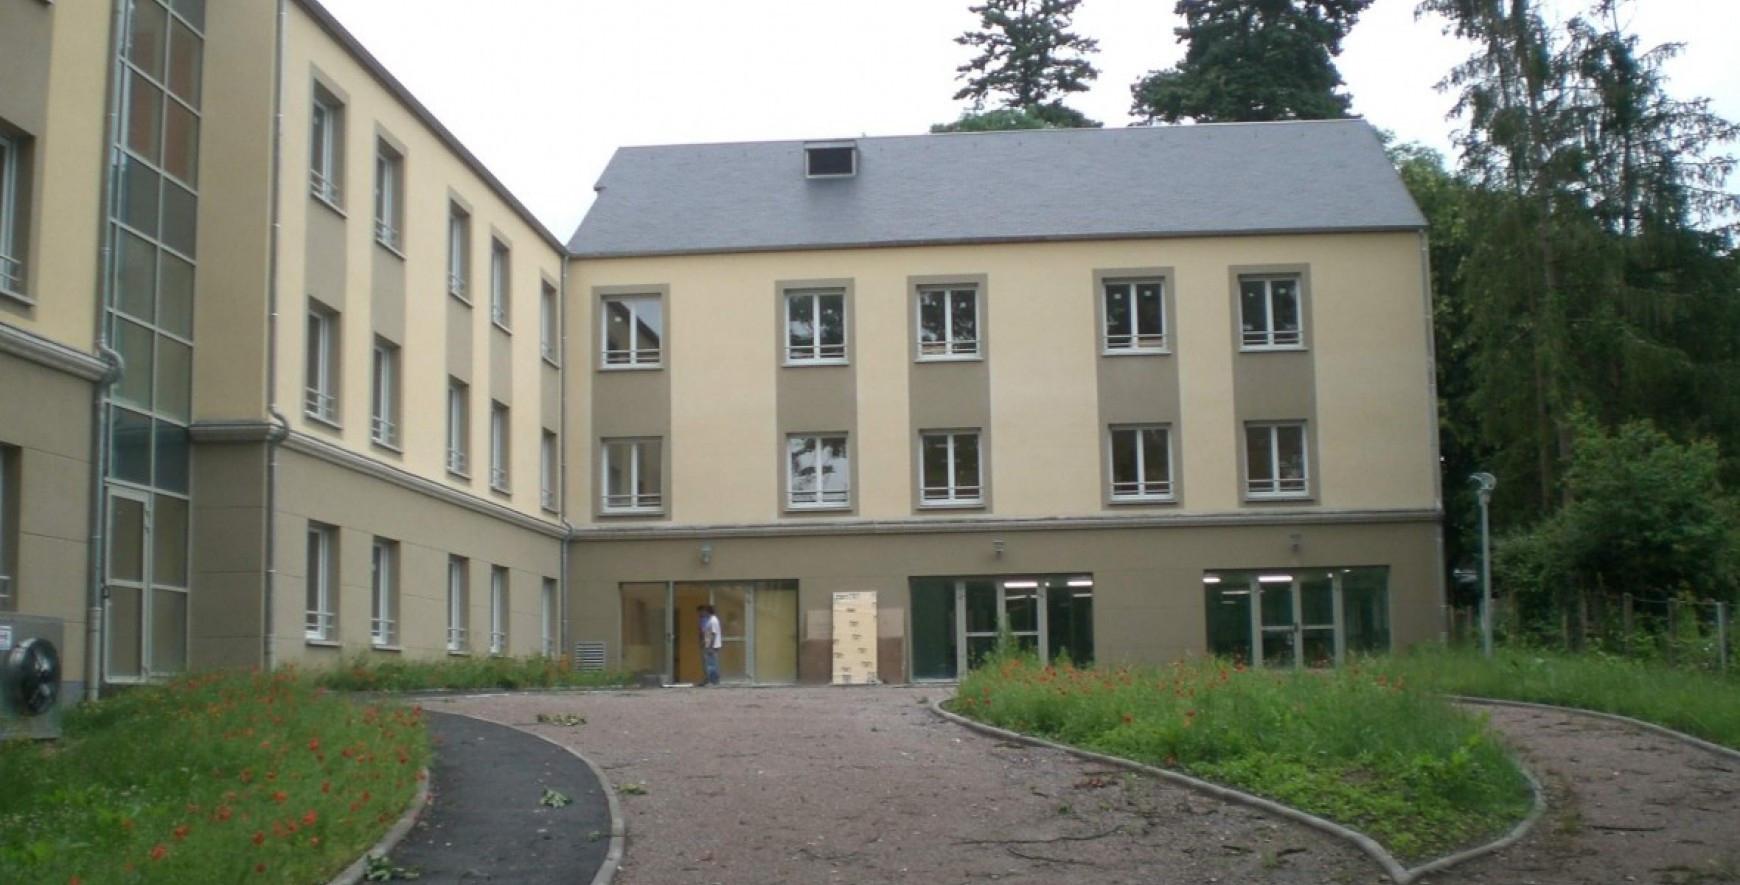 Maison Close Offenbourg – Ventana Blog serapportantà Maison De L'Amour Offenbourg